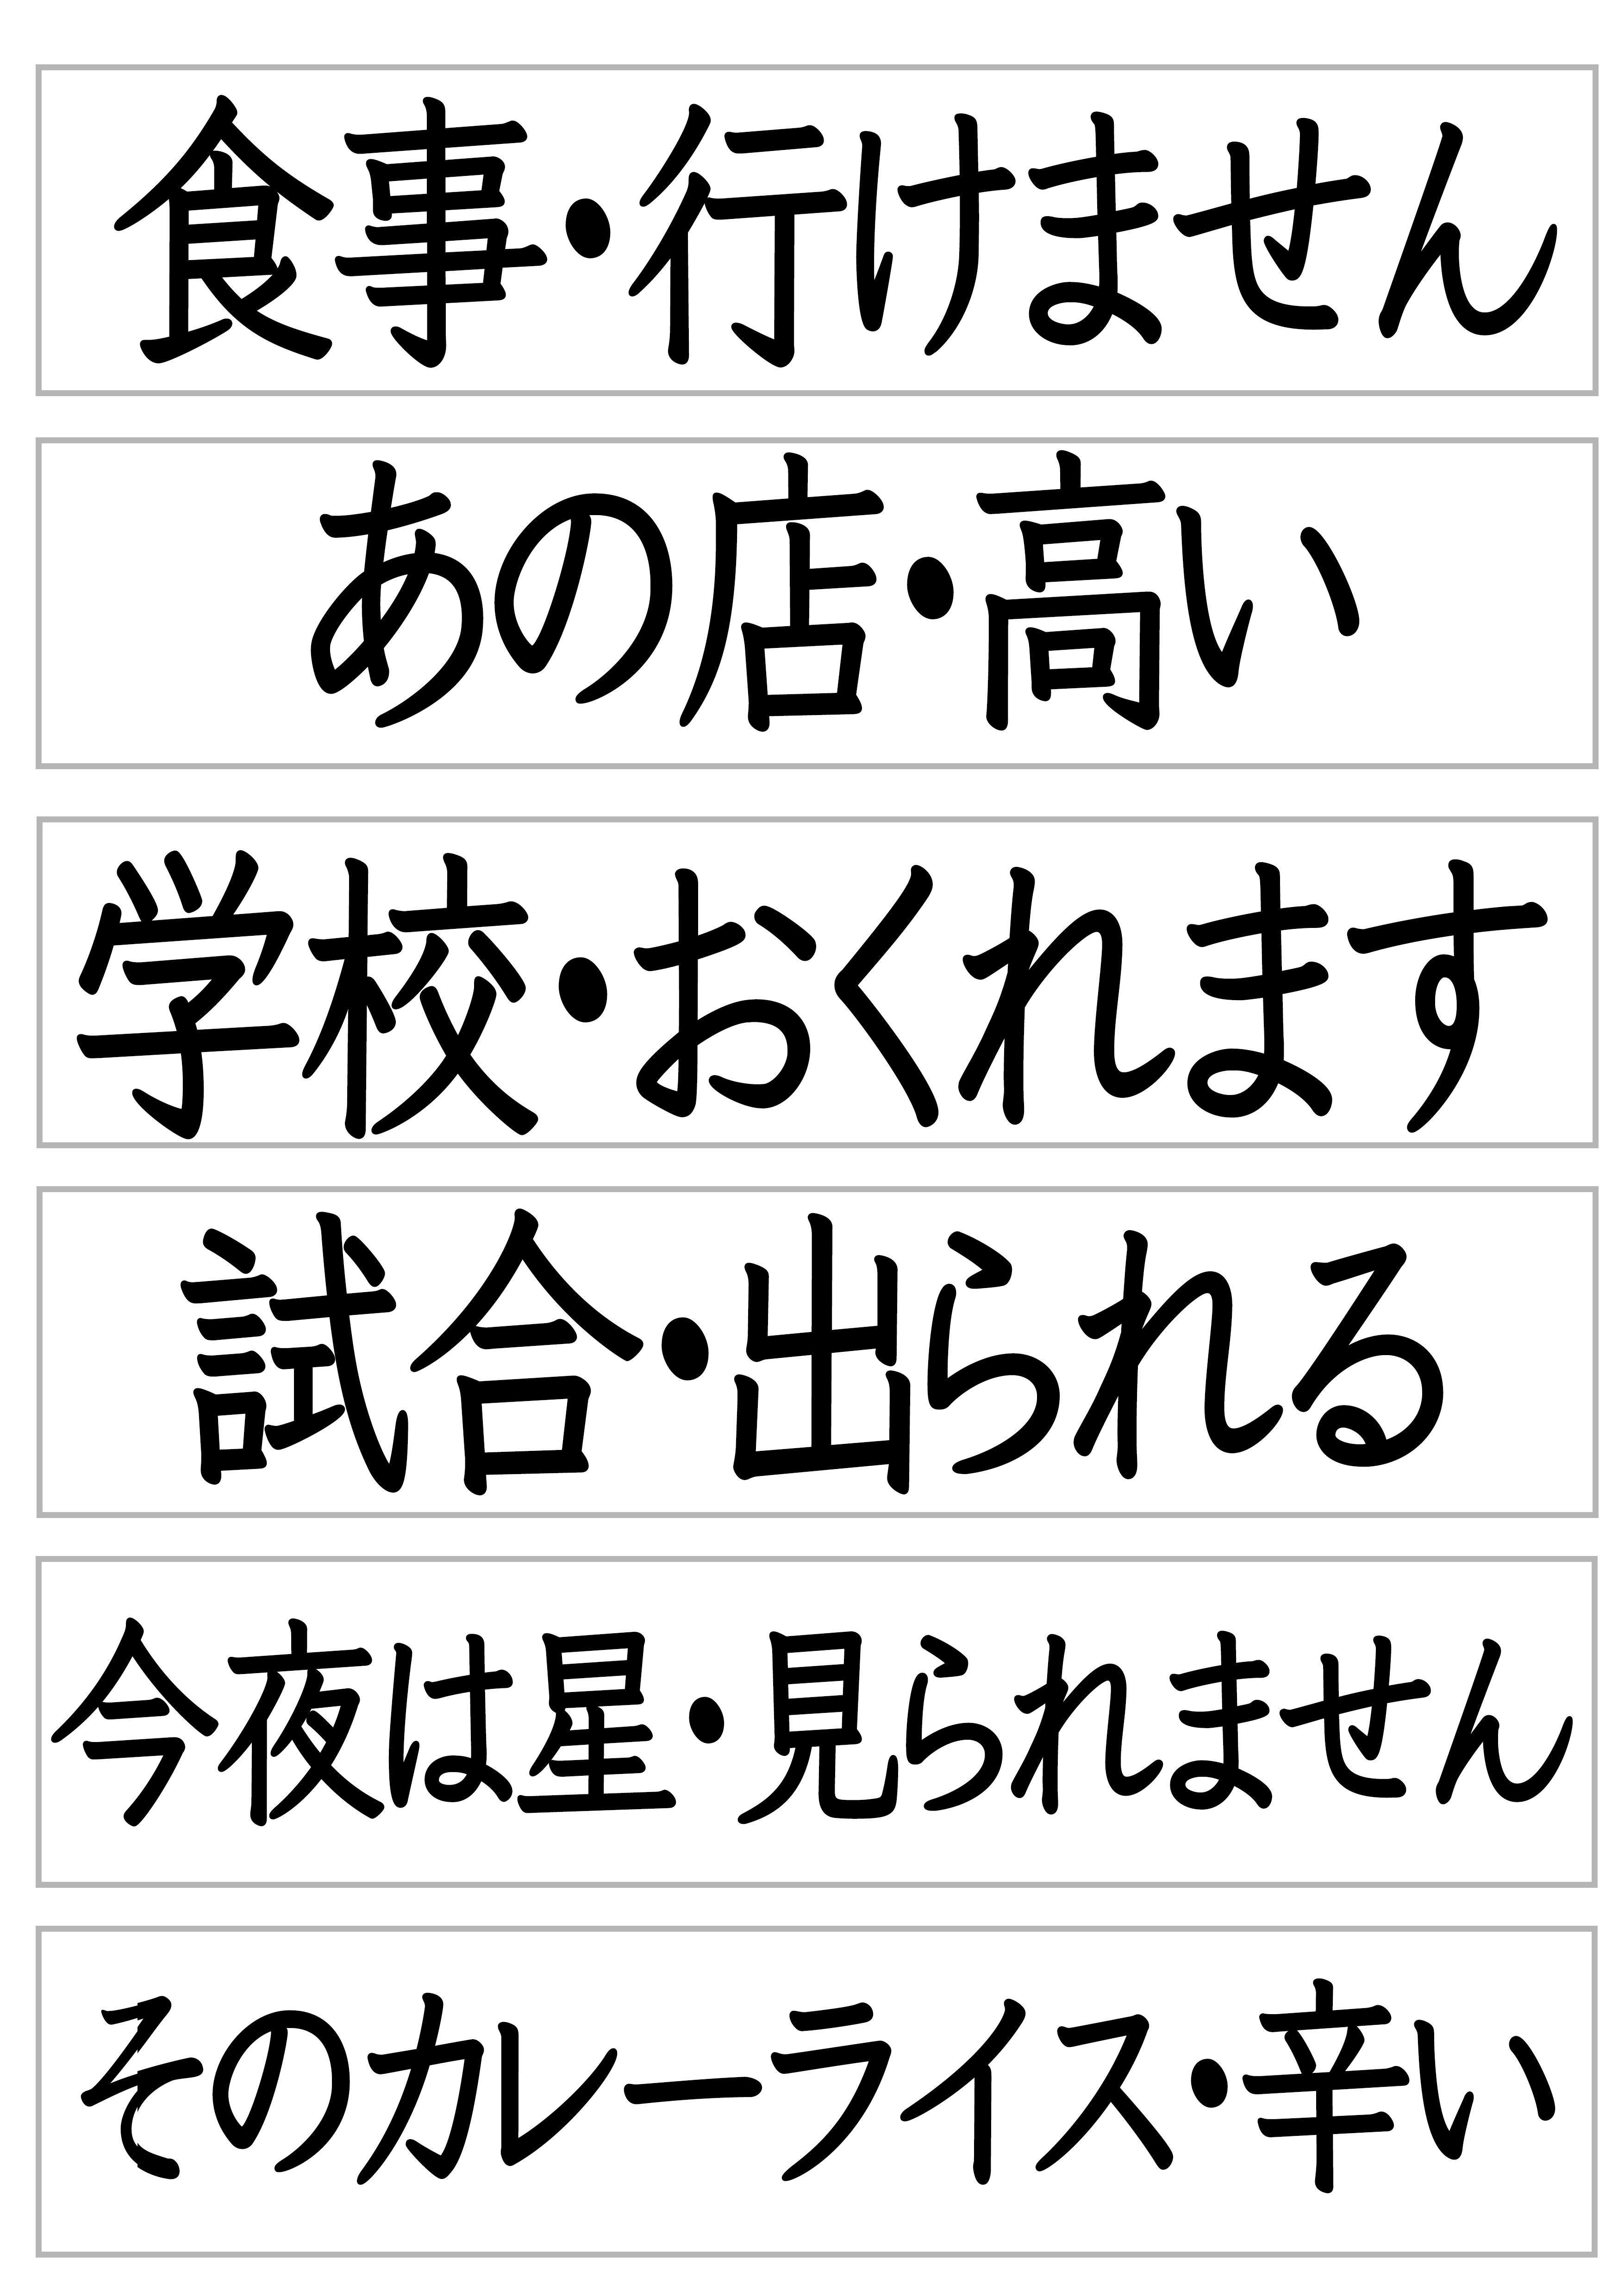 32課文字カード【かもしれません】